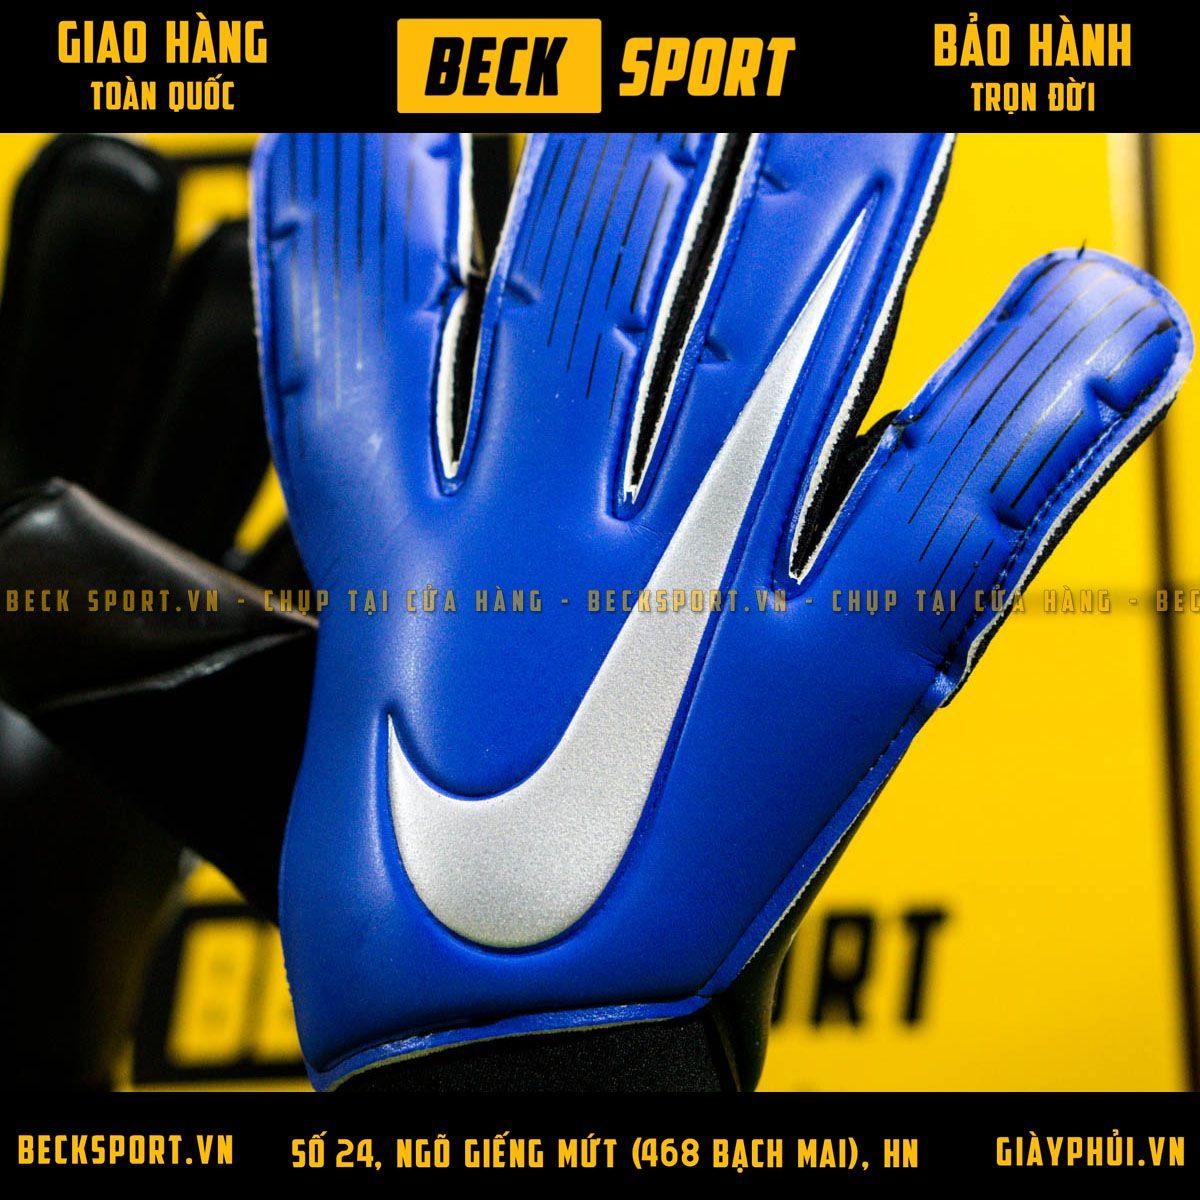 Găng Tay Nike Vapor Grip 3 Xanh Biển ( Không Xương)